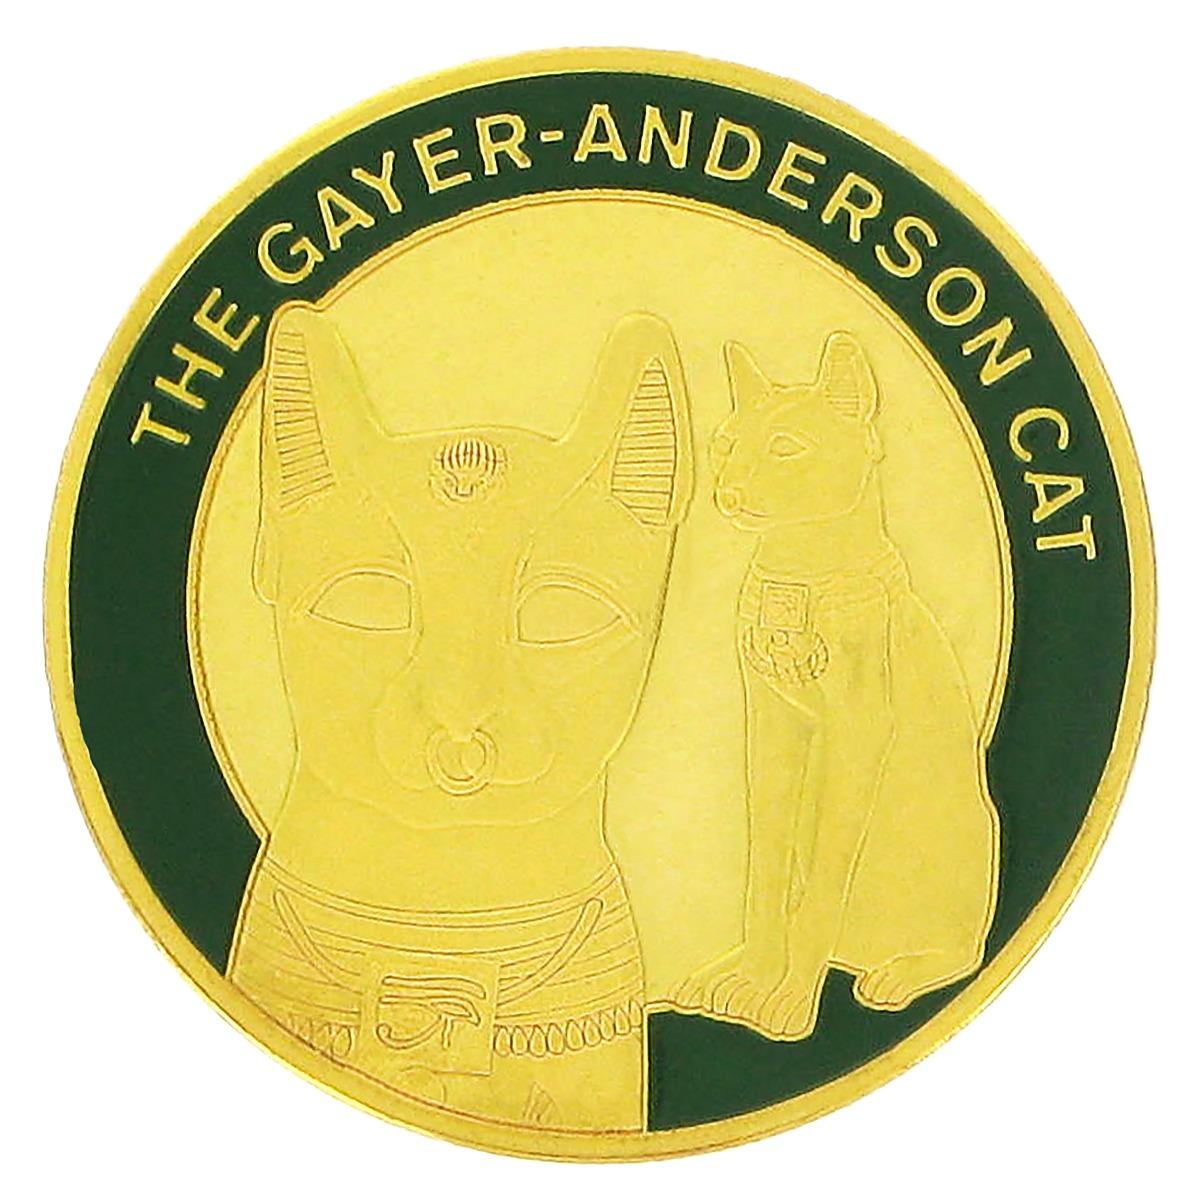 Gayer Anderson souvenir coin